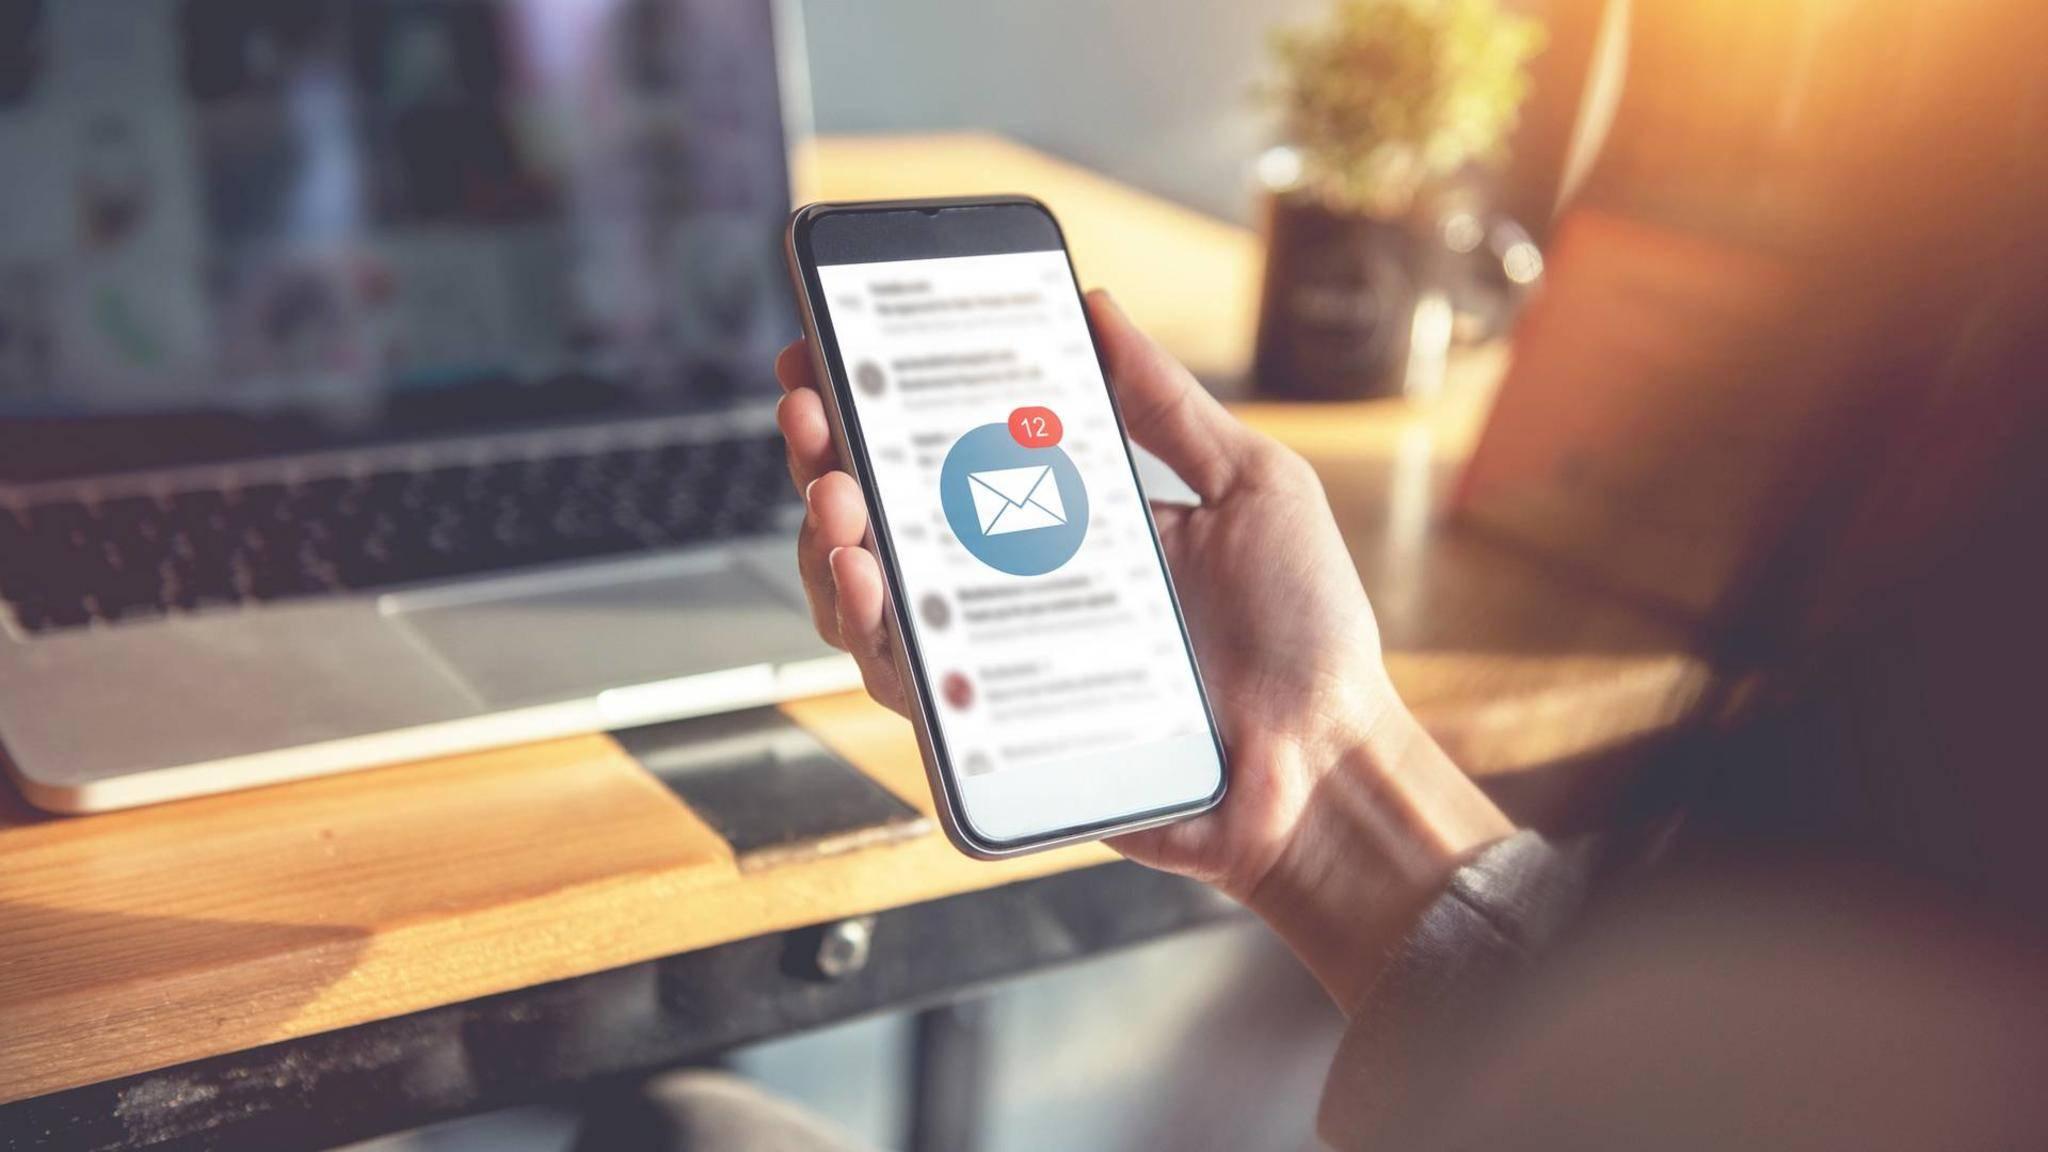 Wir stellen die besten kostenlosen E-Mail-Apps vor.